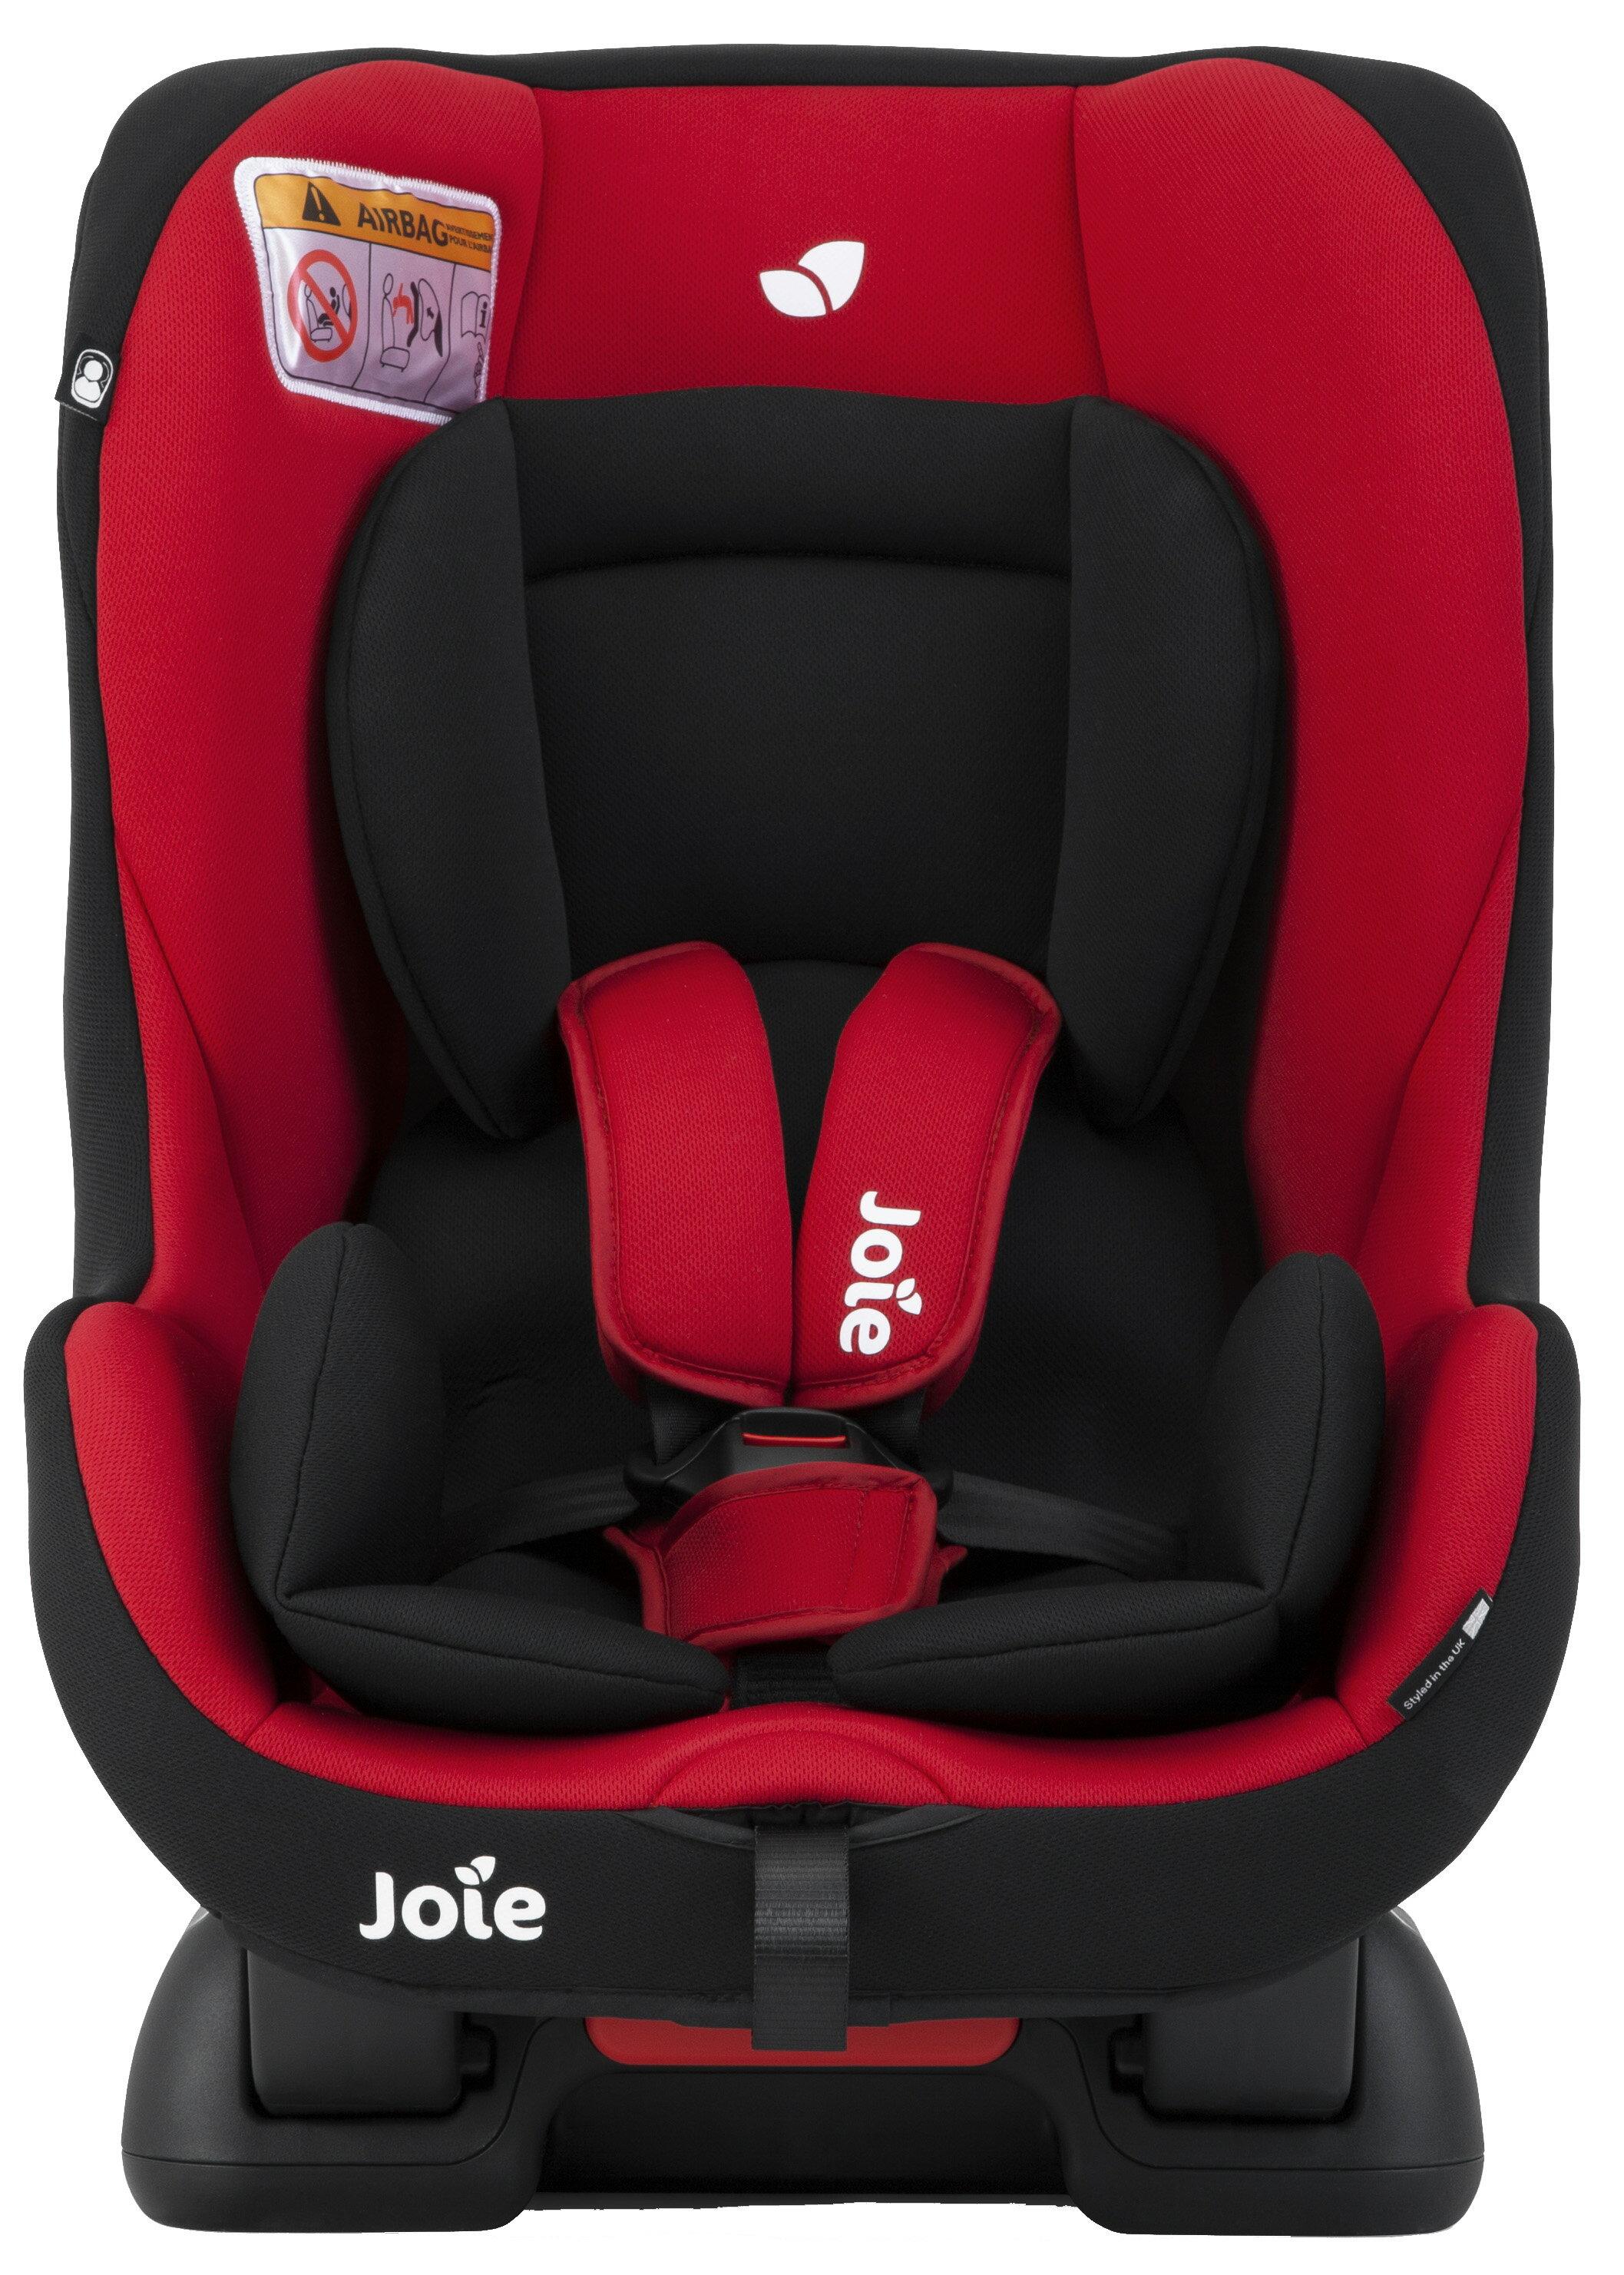 【奇哥 】Joie tilt 0-4歳雙向汽座(紅/灰兩色可選) ★安全帶適用長度:2.3公尺